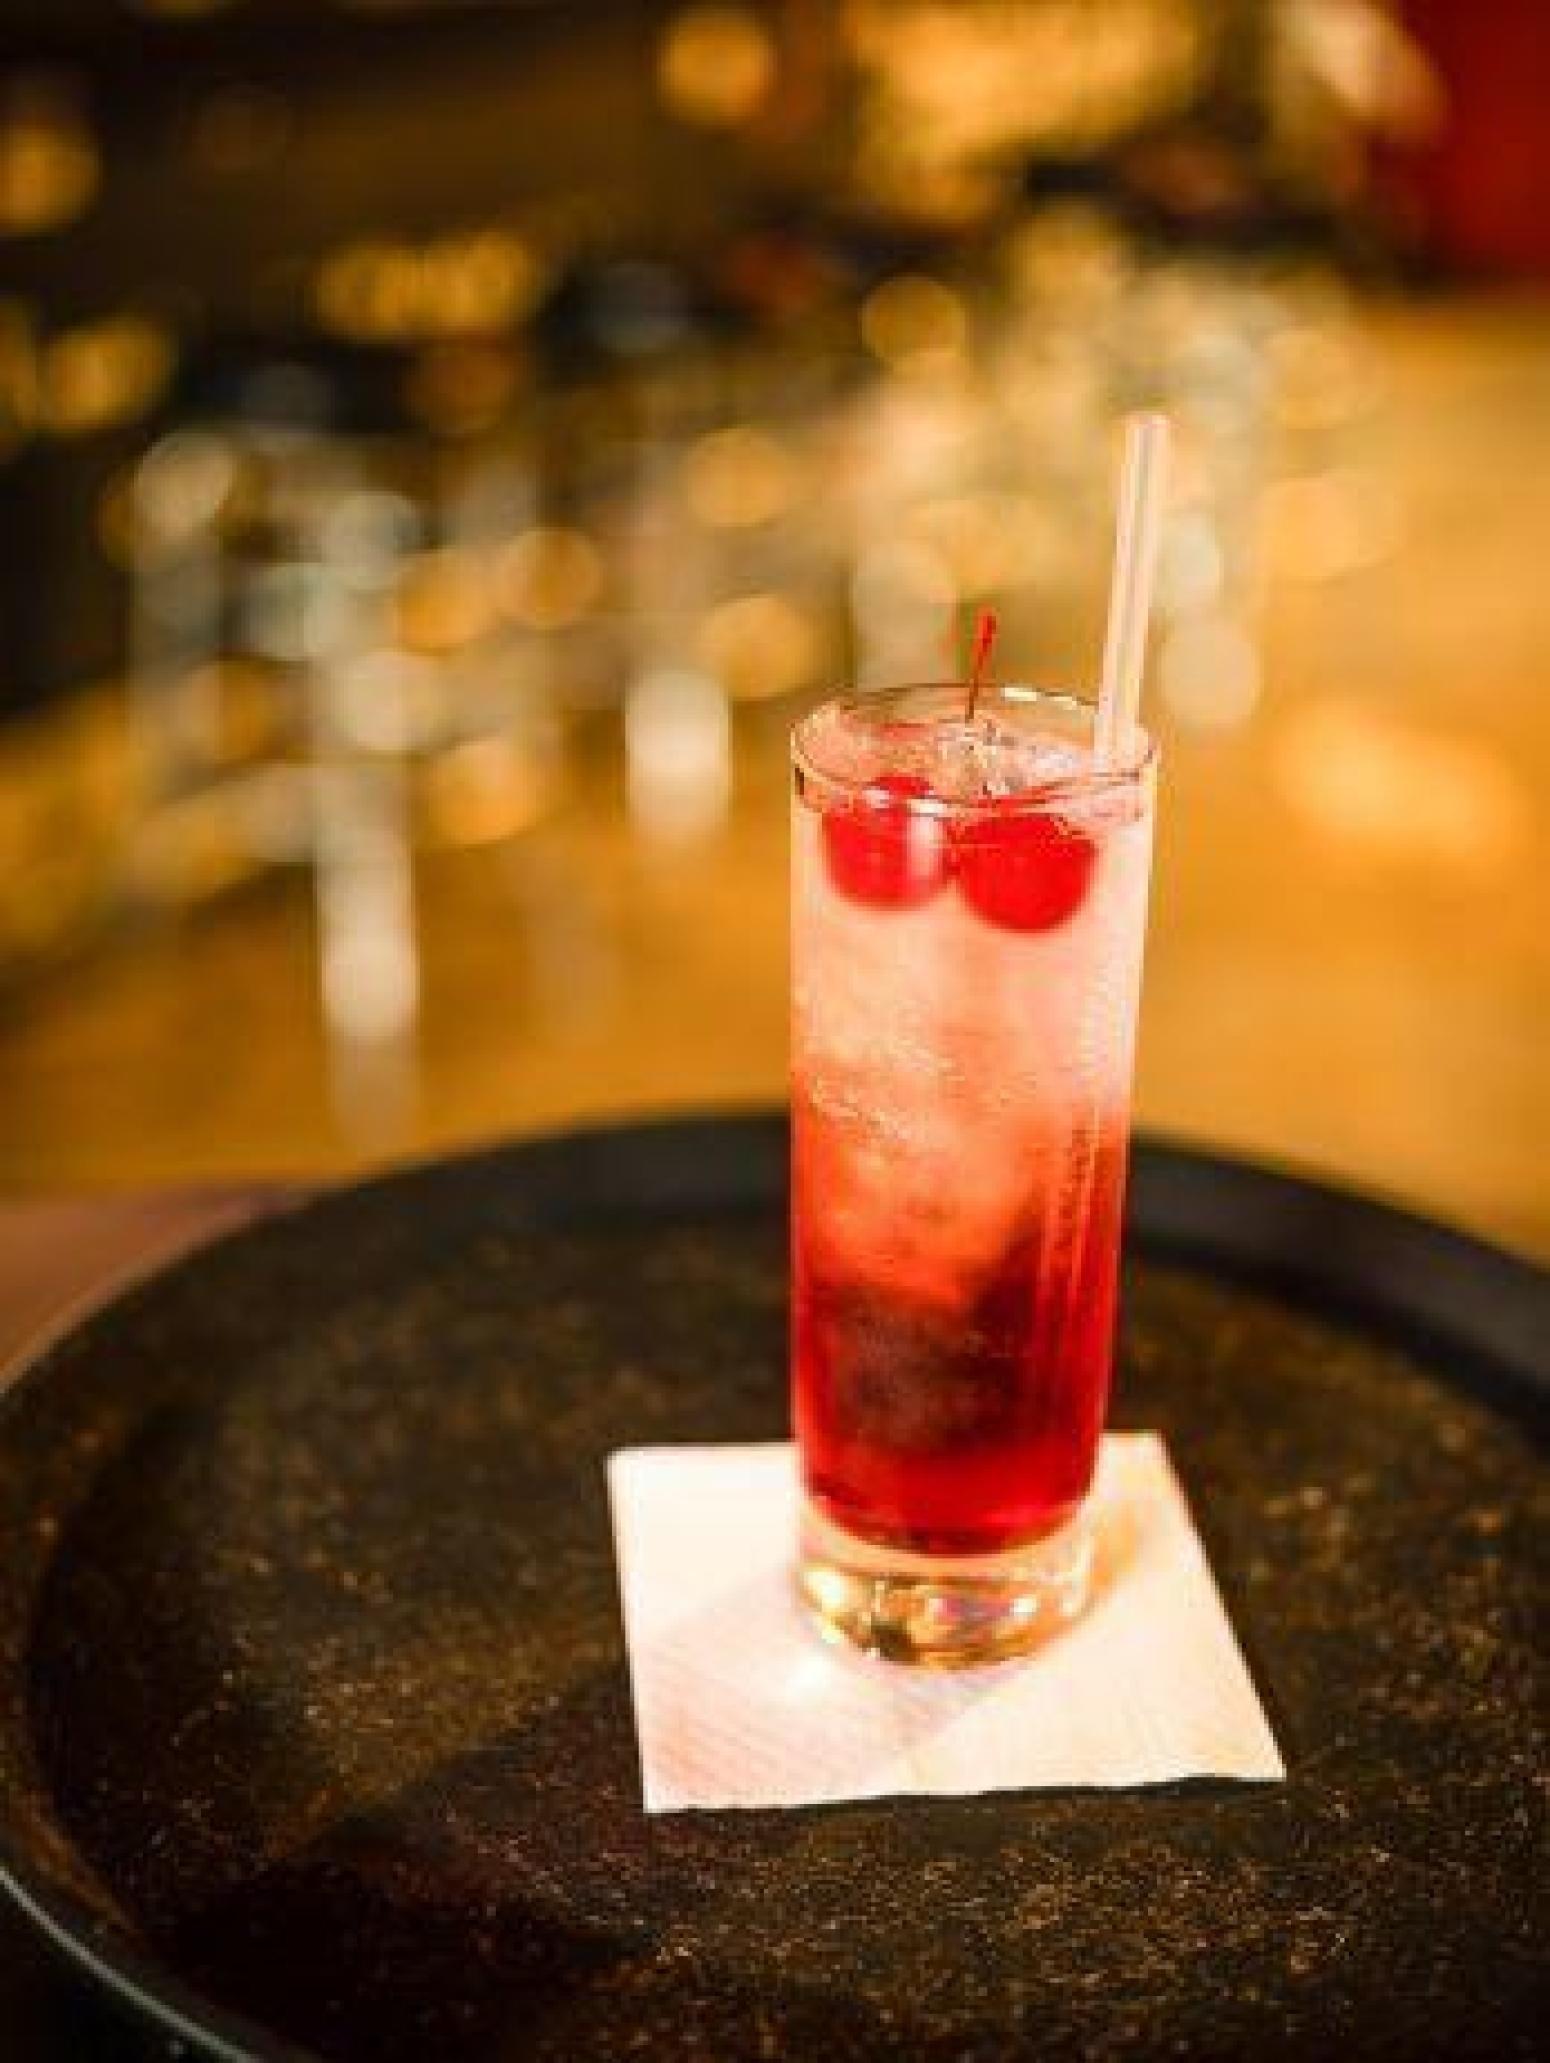 Pouring cherries. Cherry Liqueur Recipes 5